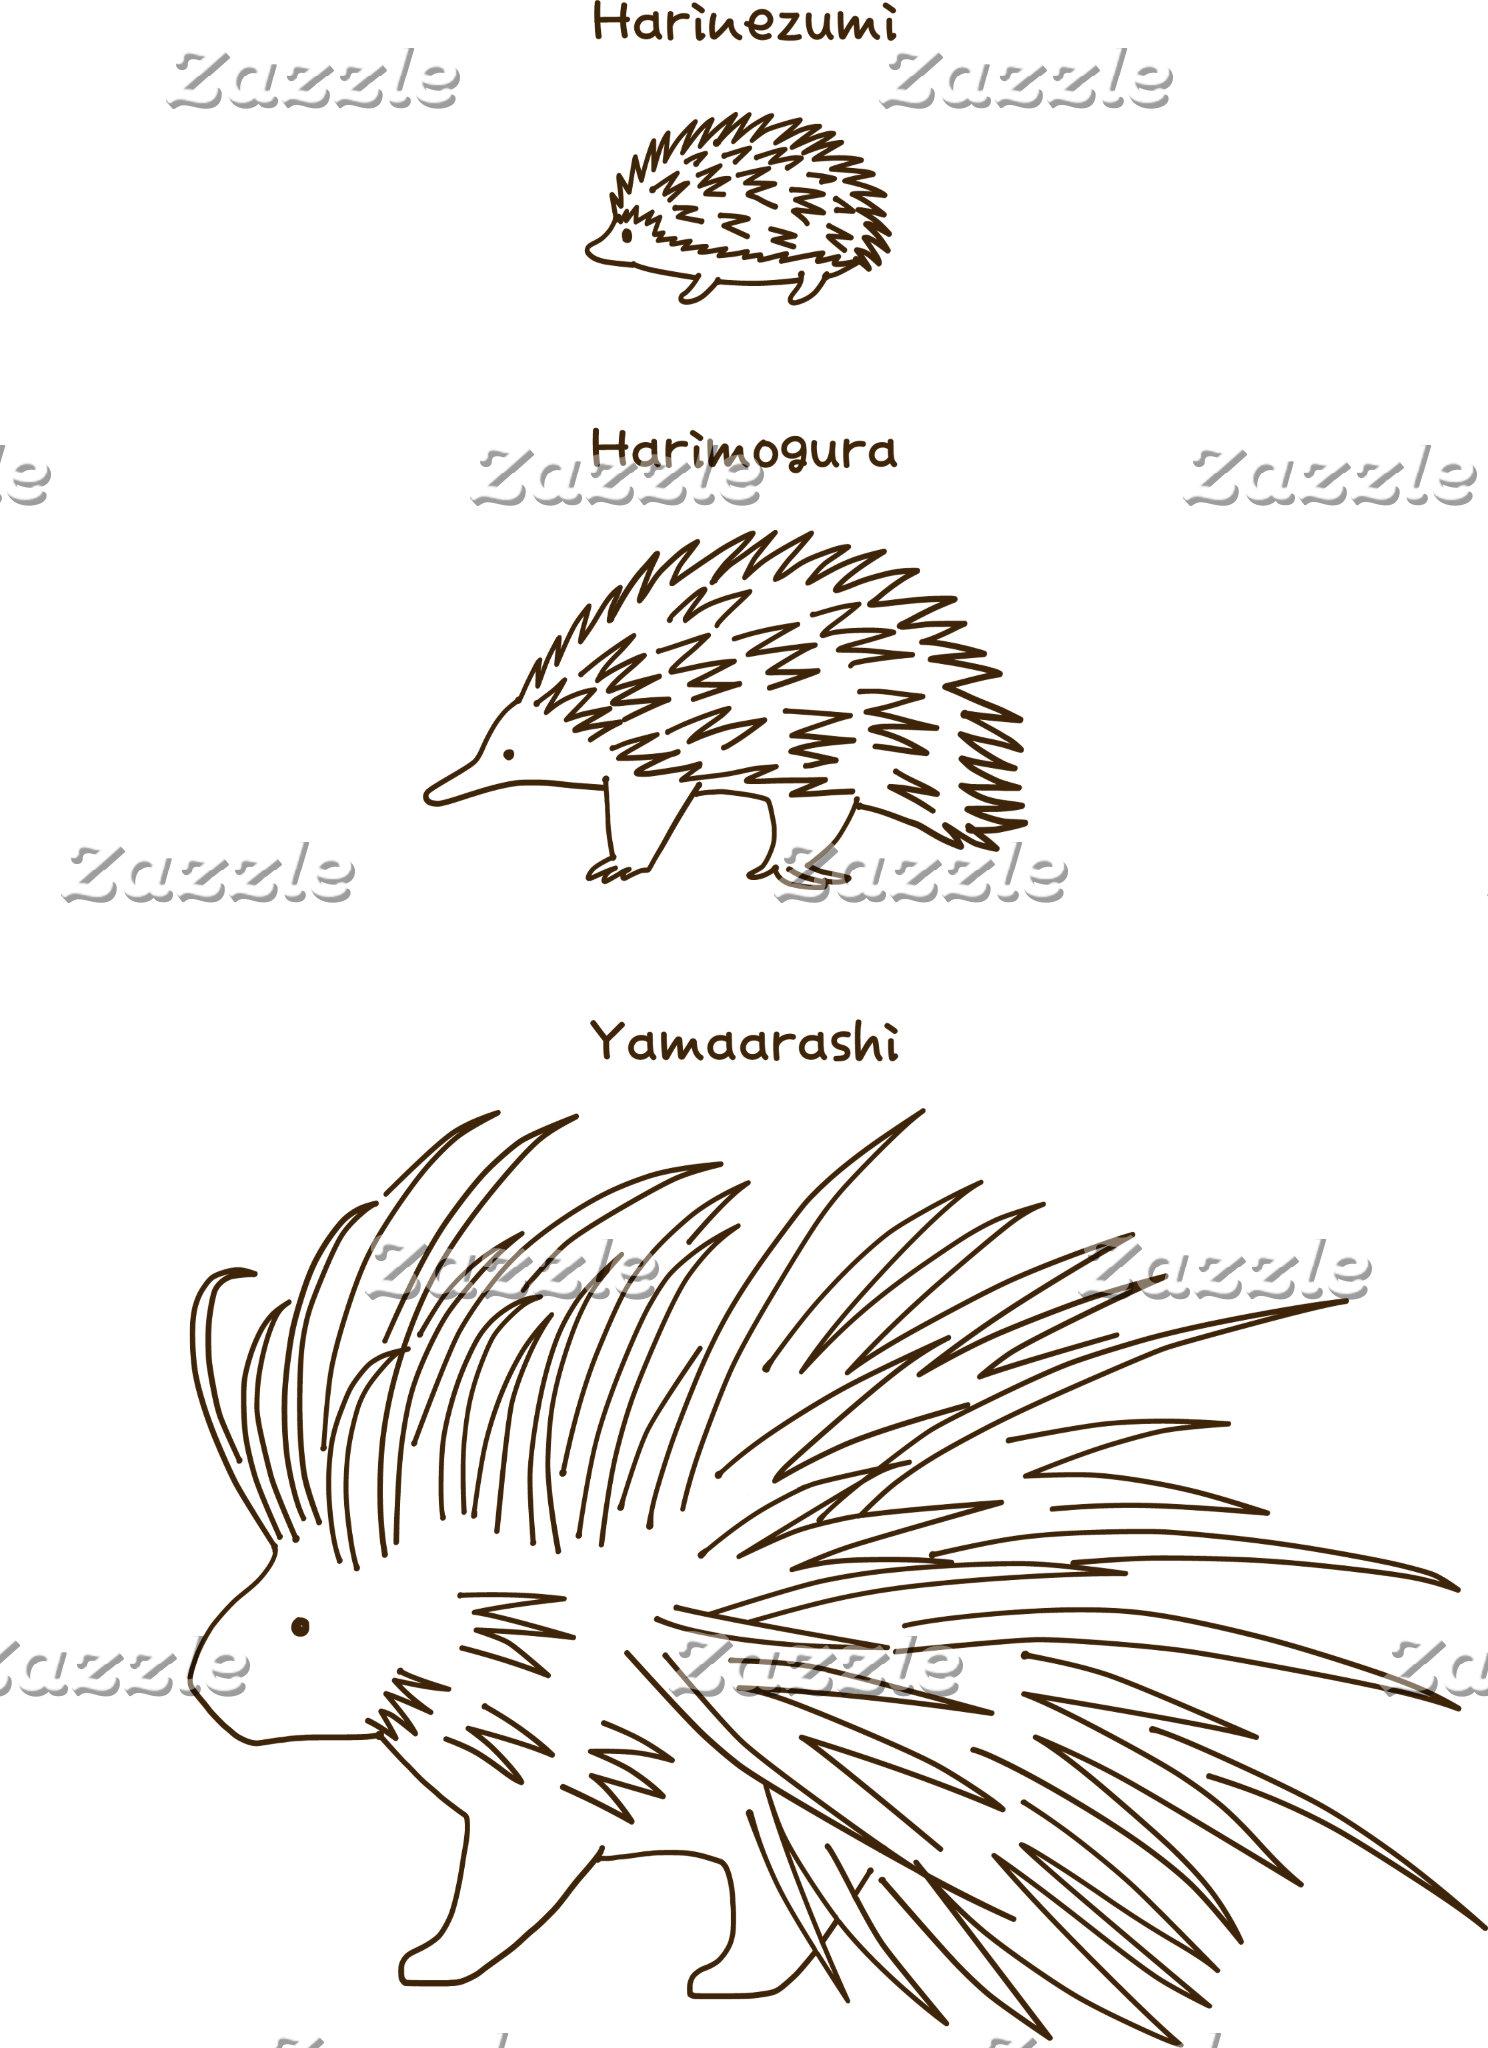 【はりーず(ローマ字-茶】Hedgehog, Echidna, Porcupine(Jp-brown